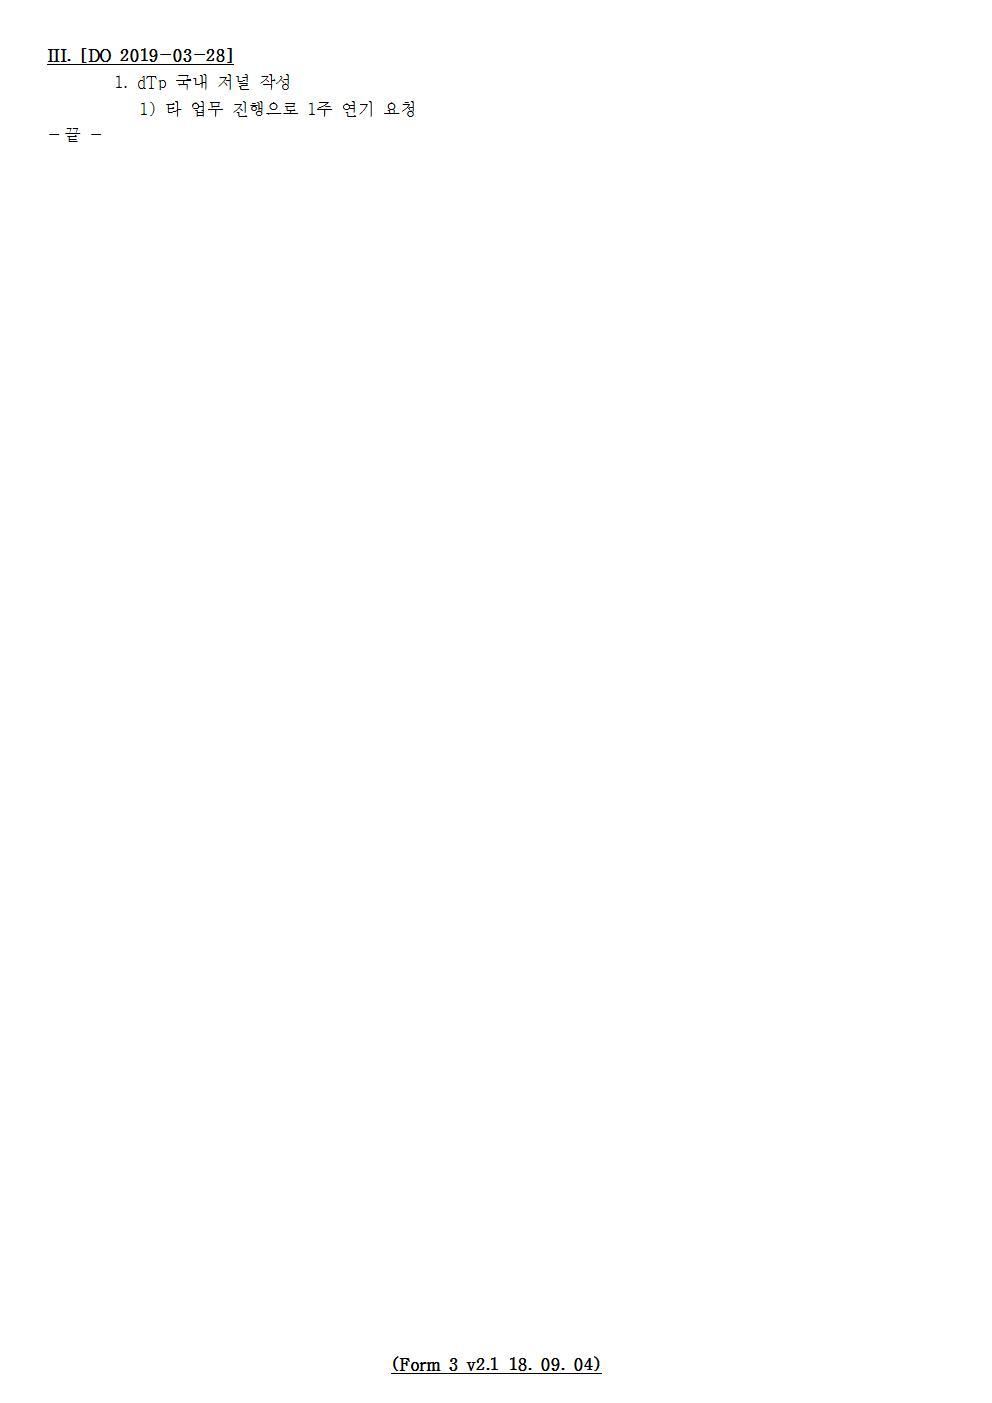 D-[19-012-PP-04]-[dTp-국내]-[2019-03-28][JS]002.jpg